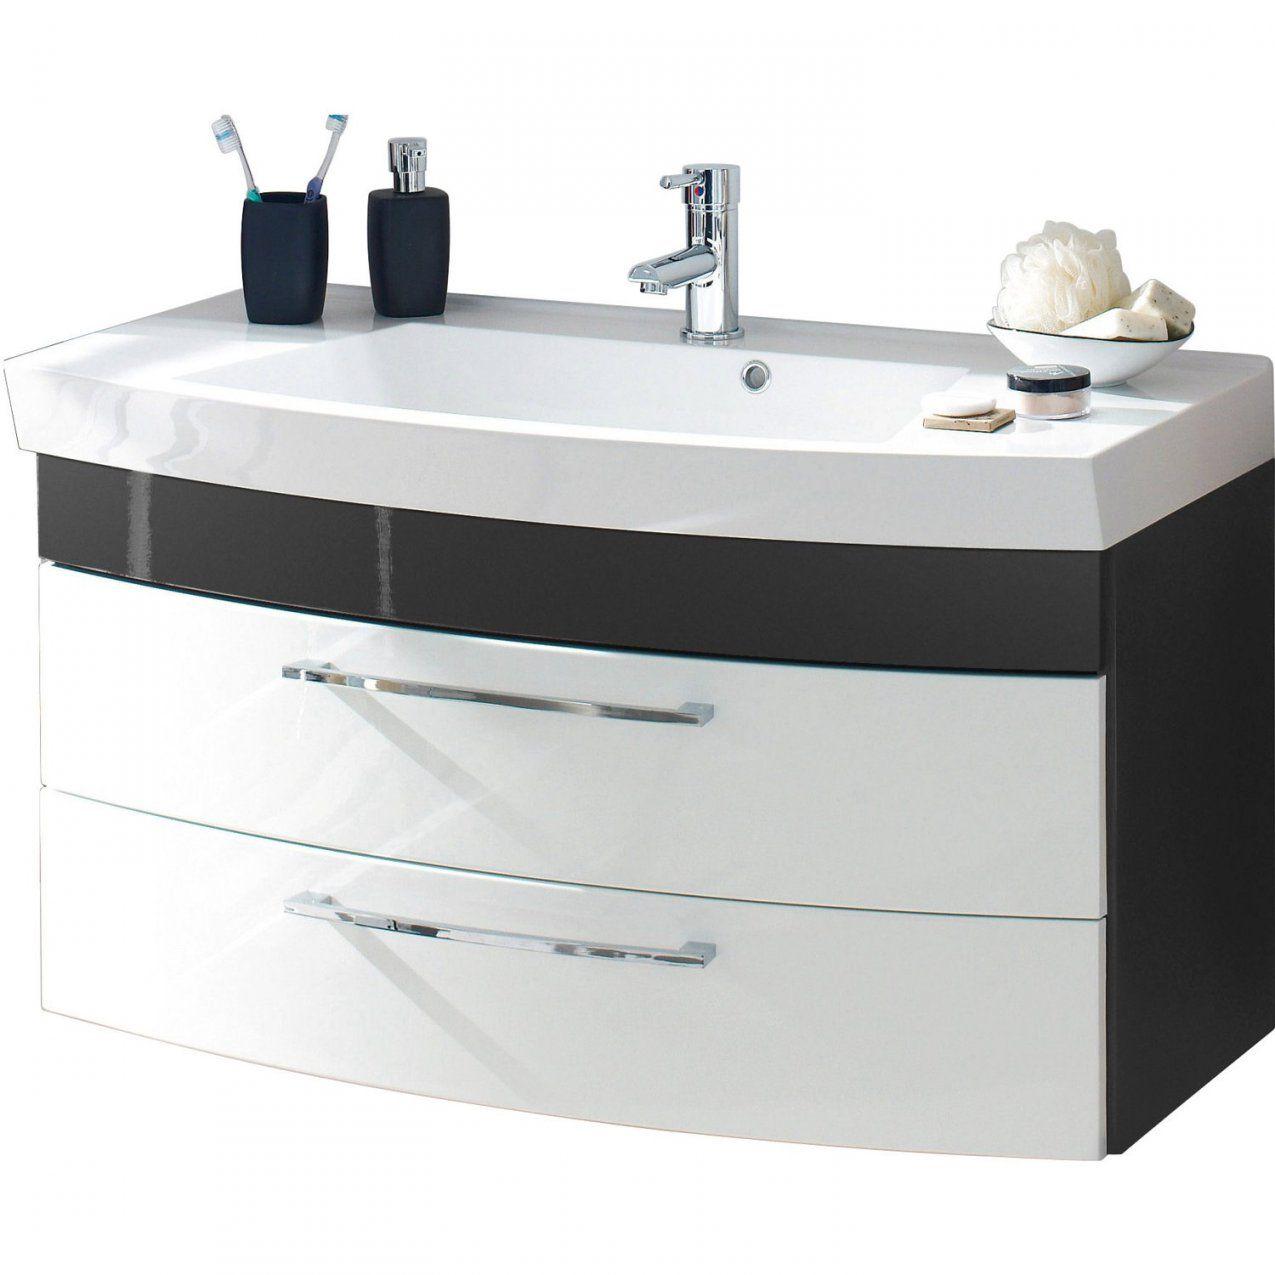 Waschbecken Mit Unterschrank Kaufen Bei Obi von Aufsatzwaschbecken Mit Unterschrank Stehend Photo